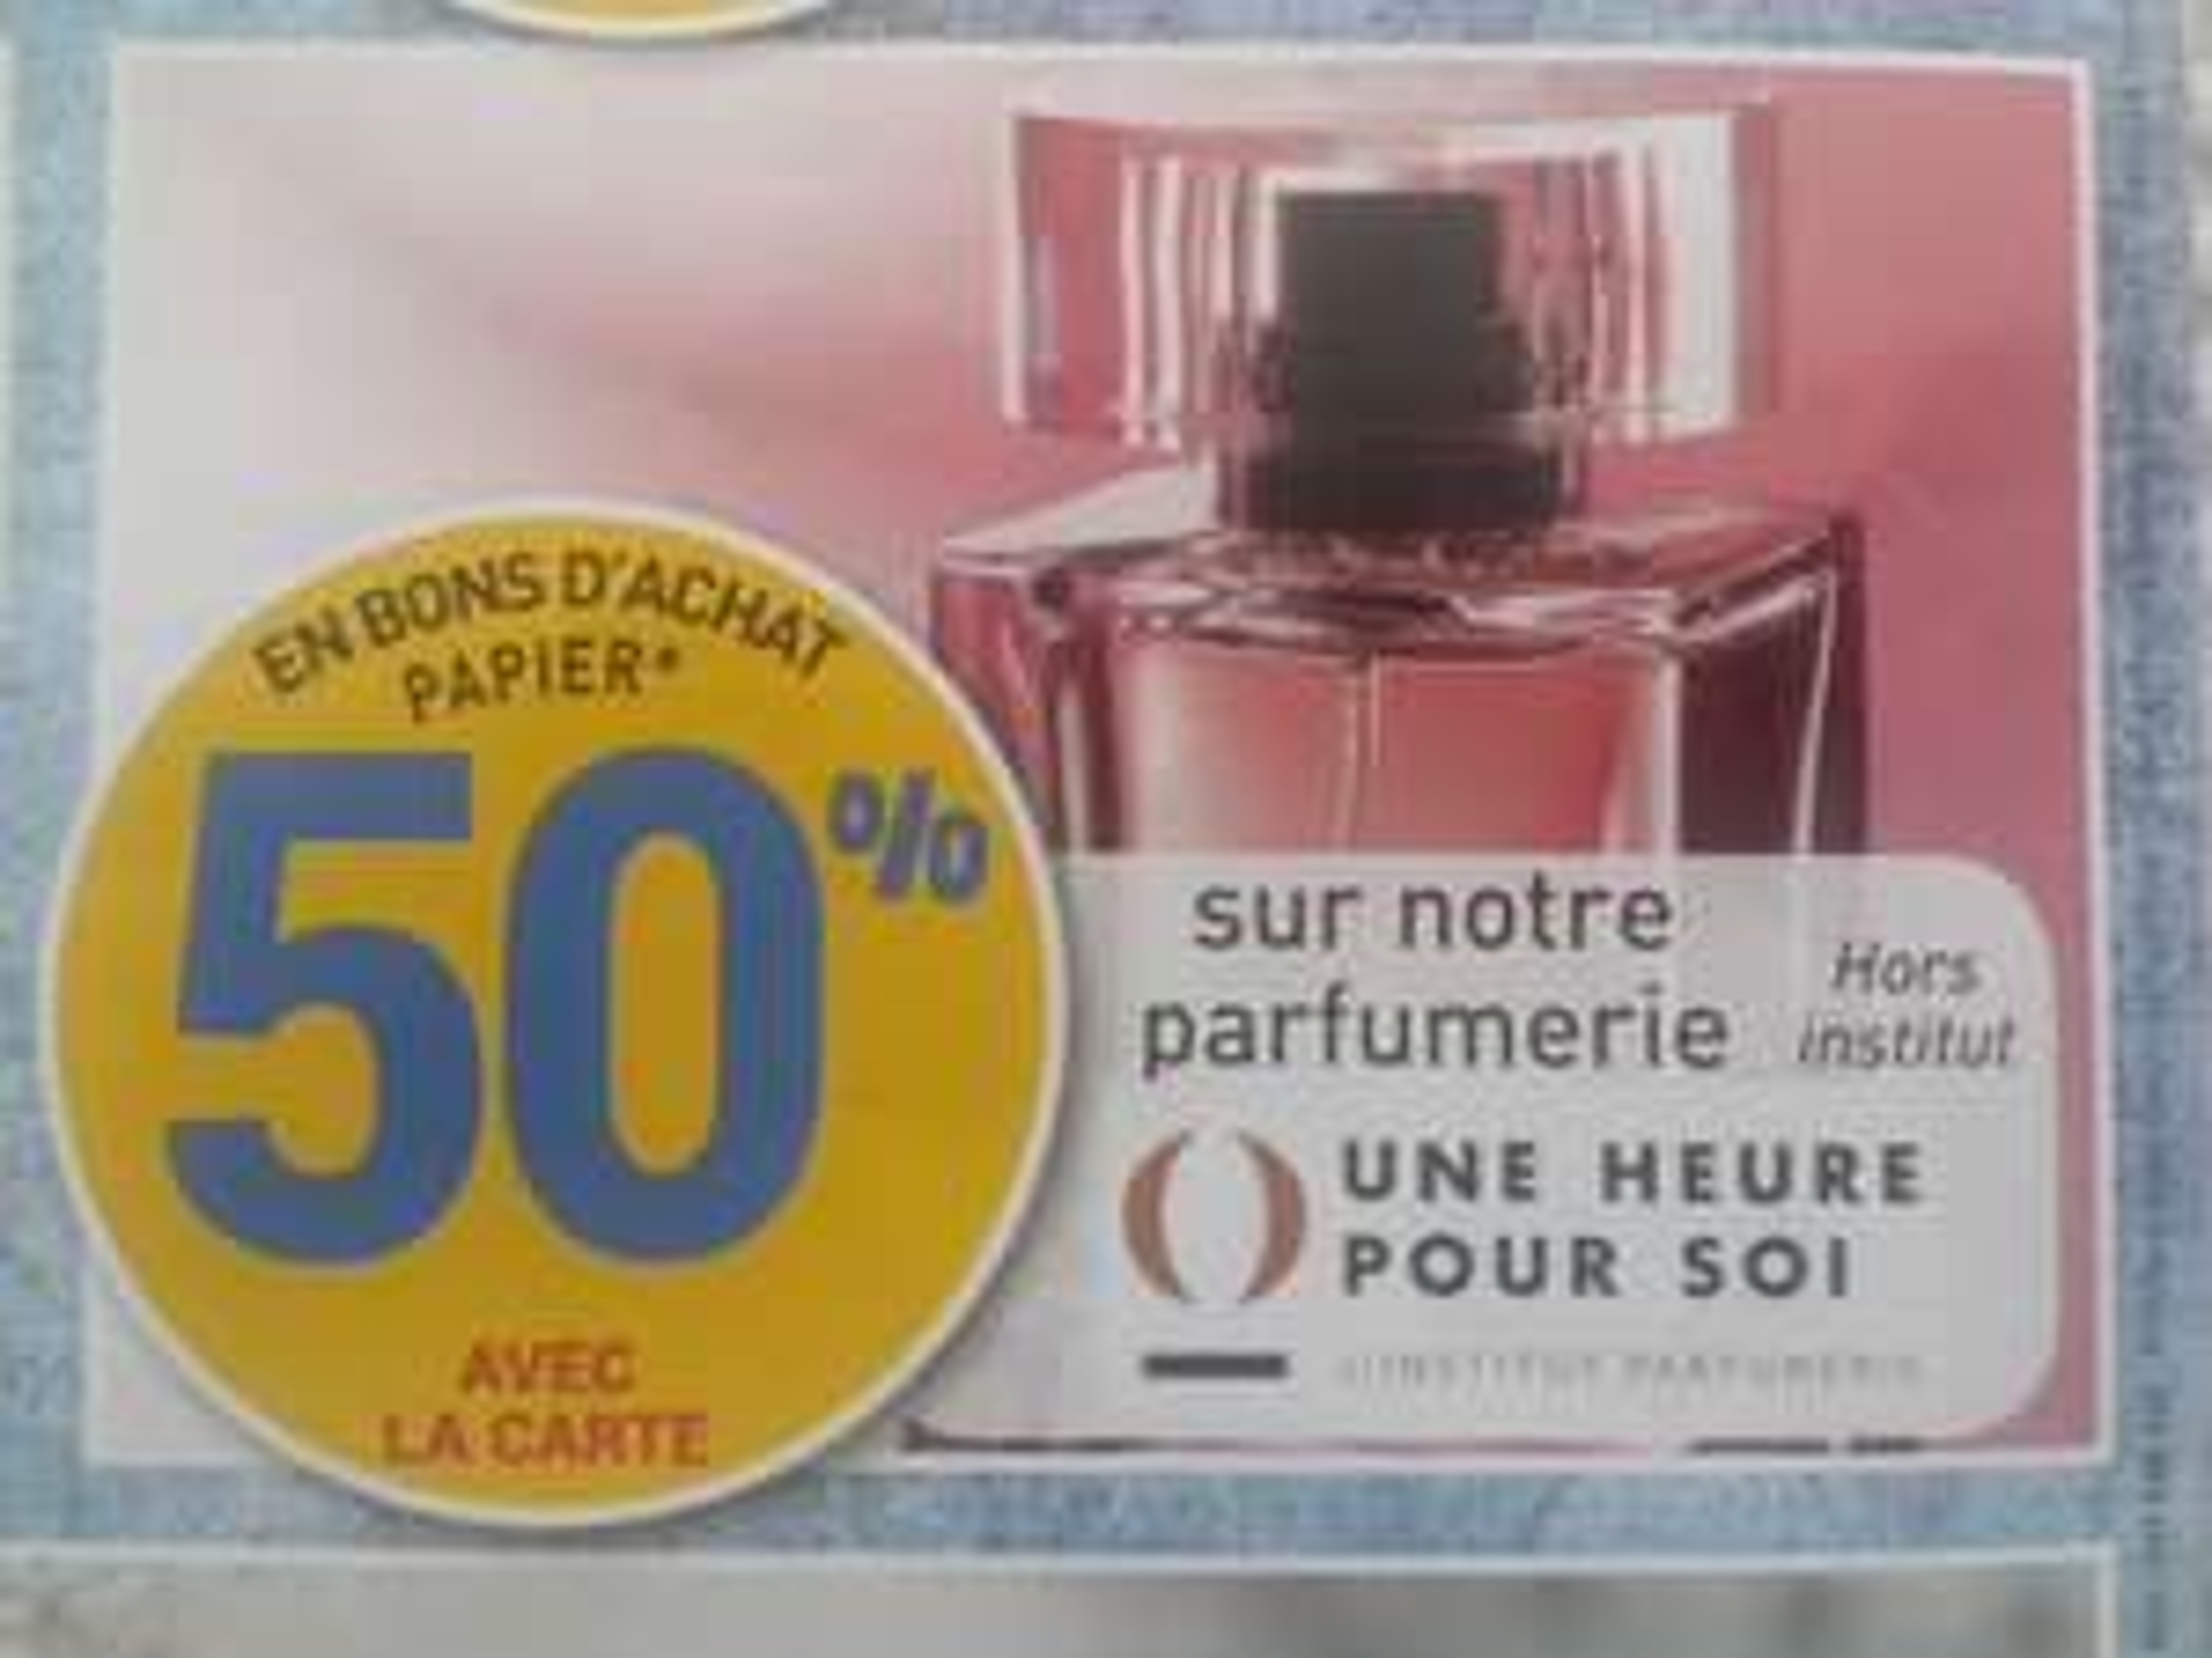 50% de réduction sur la parfumerie (Via bons d 'achat papier avec la carte) - La Seyne sur Mer (83)